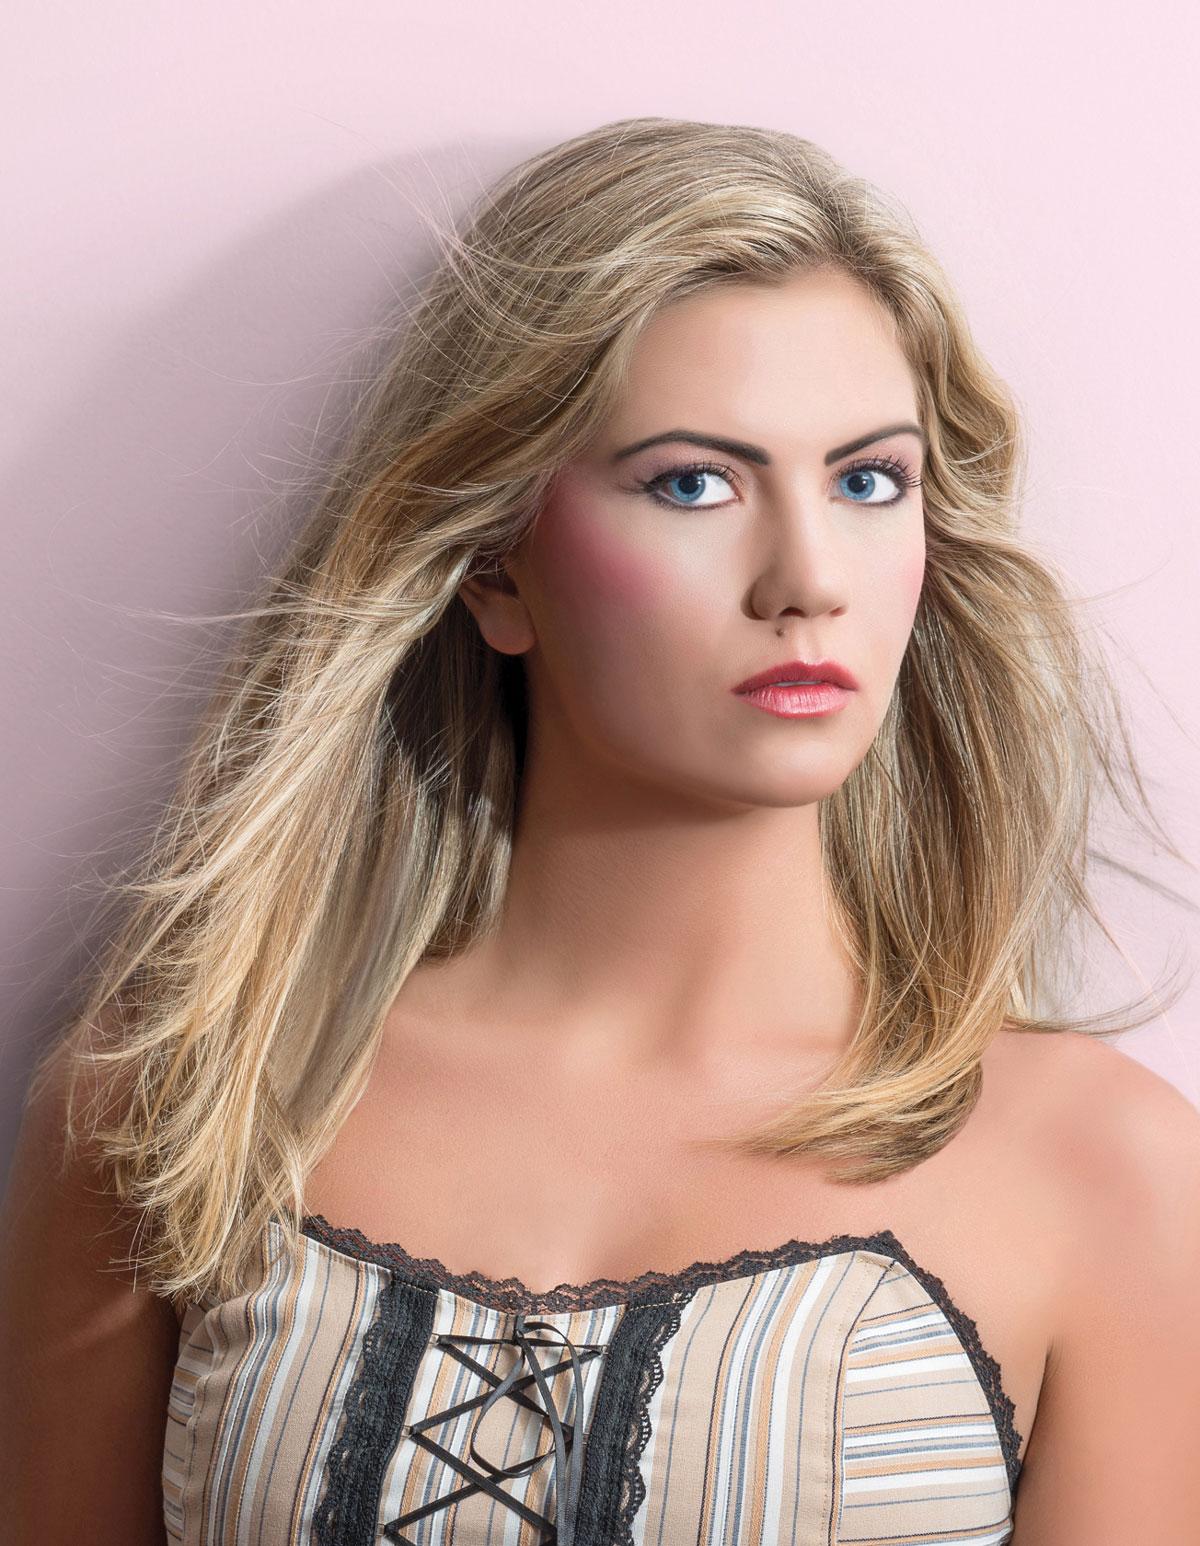 New Ways To Do Classic Makeup!